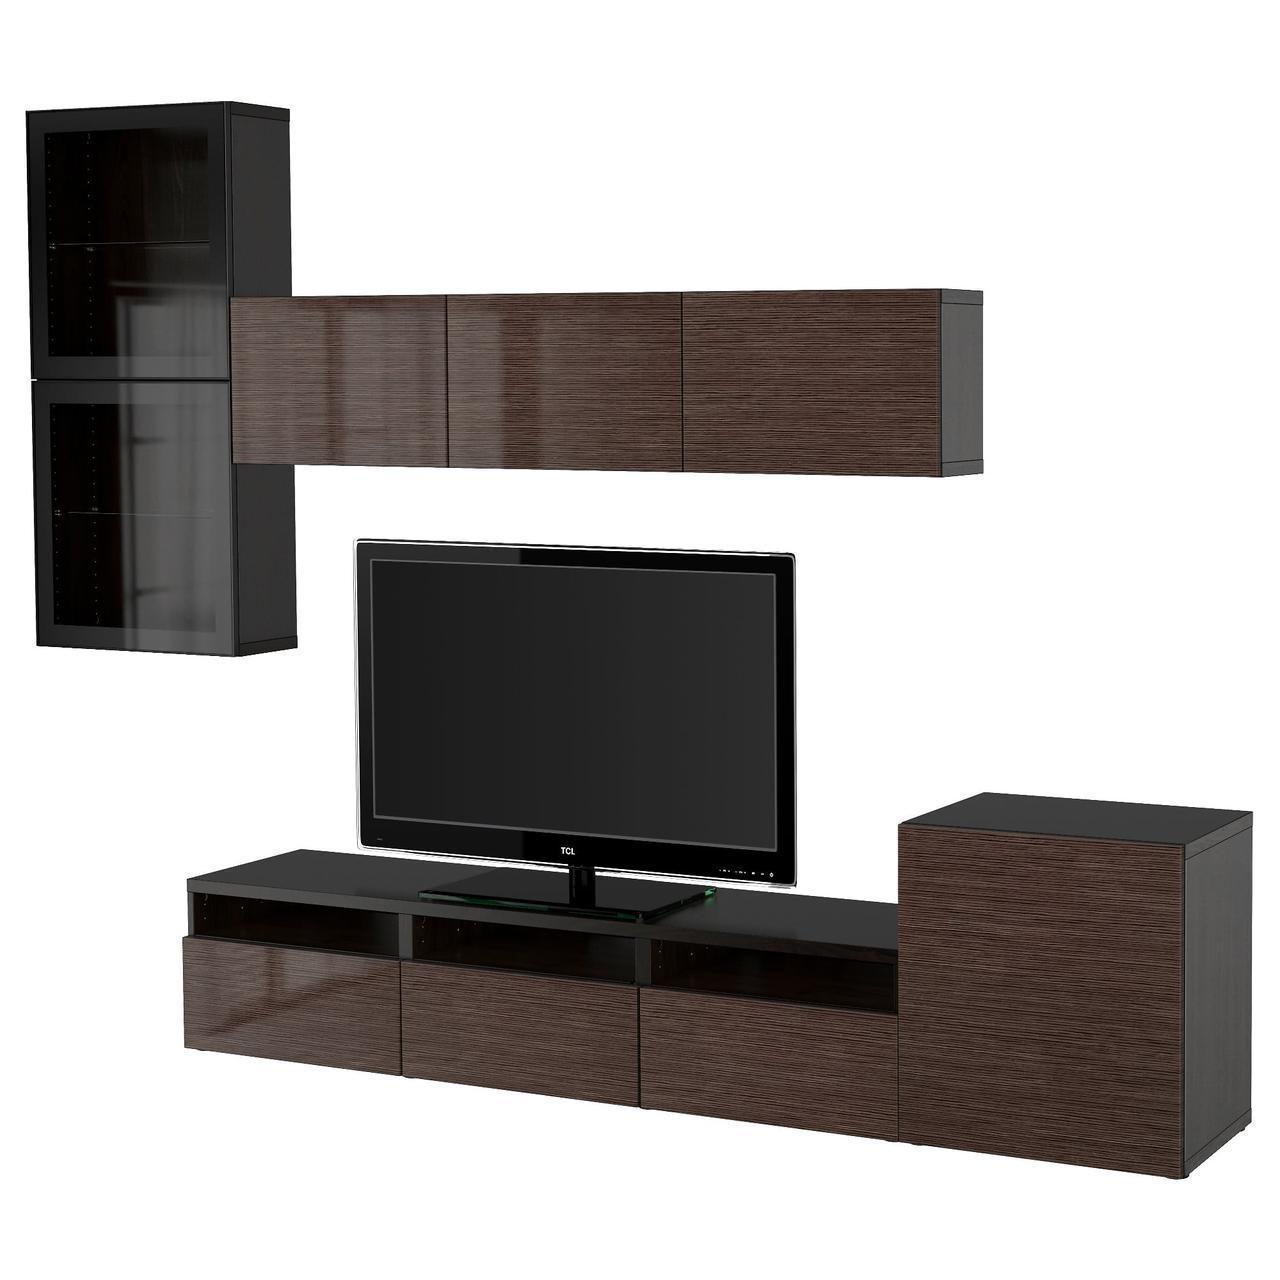 IKEA BESTA Тумба под телевизор с стеклянными дверьми, черно-коричневый, Сельсвикен (591.918.99)